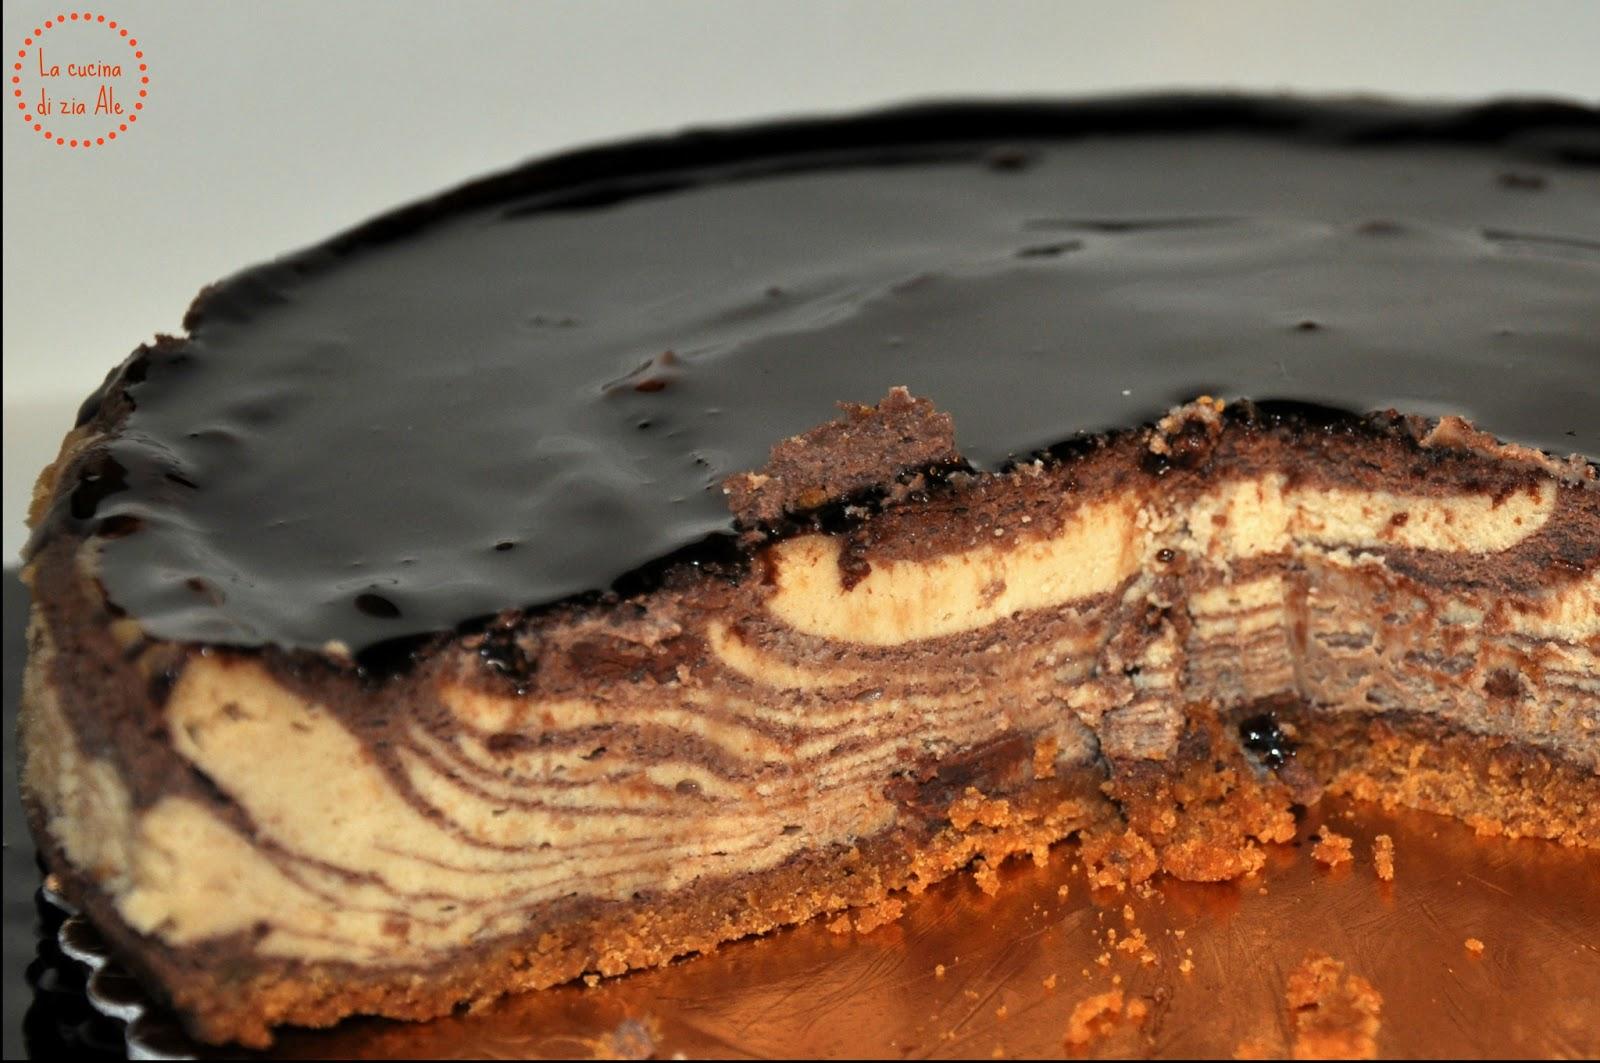 Preferenza Cheesecake al cioccolato e burro di arachidi | La cucina di zia Ale GG99